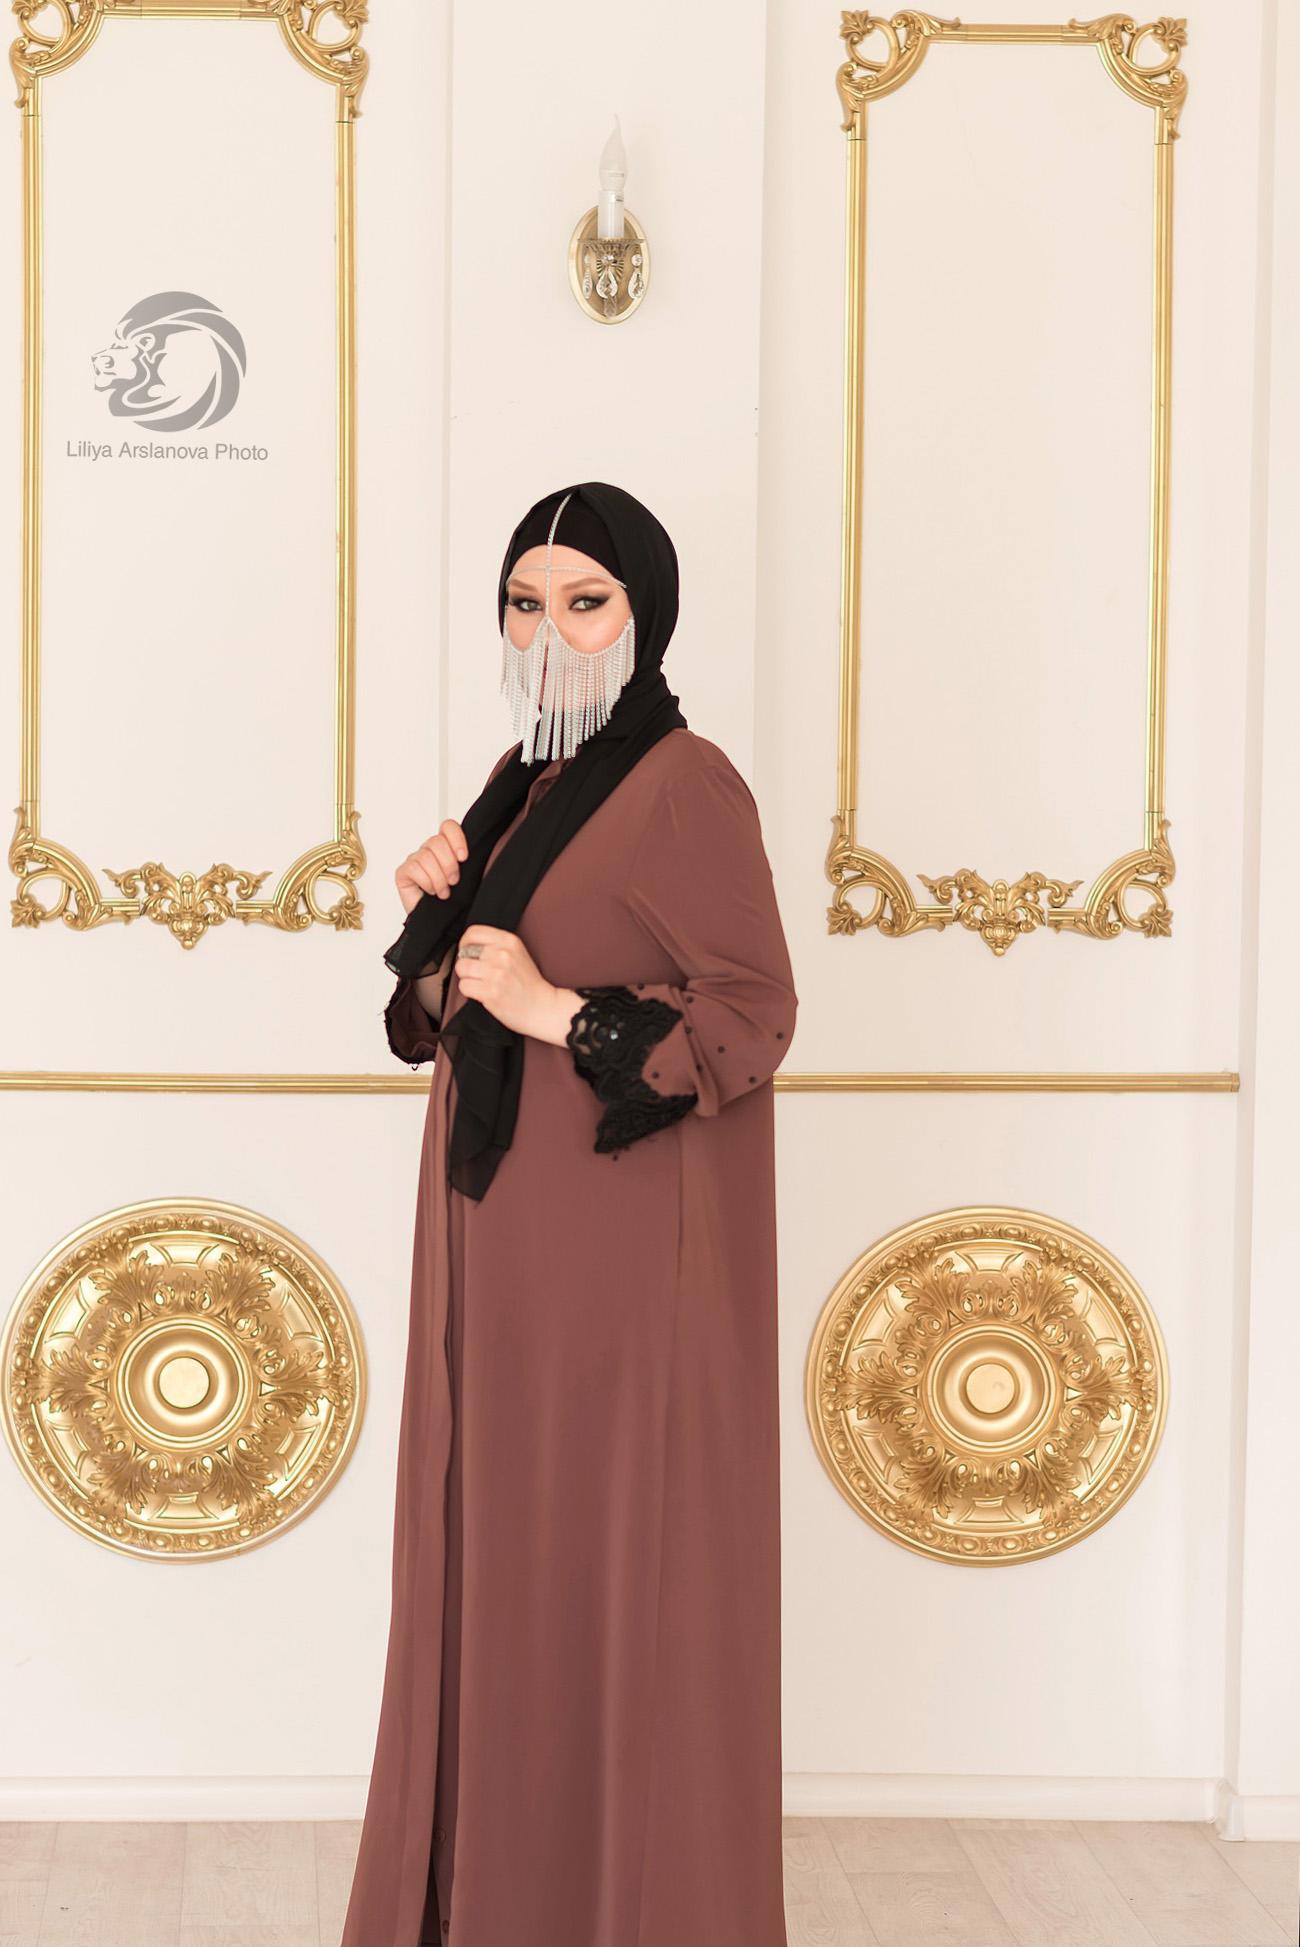 мусульманка, фотосессия мусульманки,  фото мусульманки, фотосессия мусульман в Стерлитамаке , Фотосессия в Стерлитамаке в студии, студийный фотограф в Стерлитамаке, студийная фотосессия, фотосессия в студии девушек, фотограф девушек стерлитамак, фотограф девушек, фотограф Лилия  Арсланова, , фотосессия стерлитамак цена